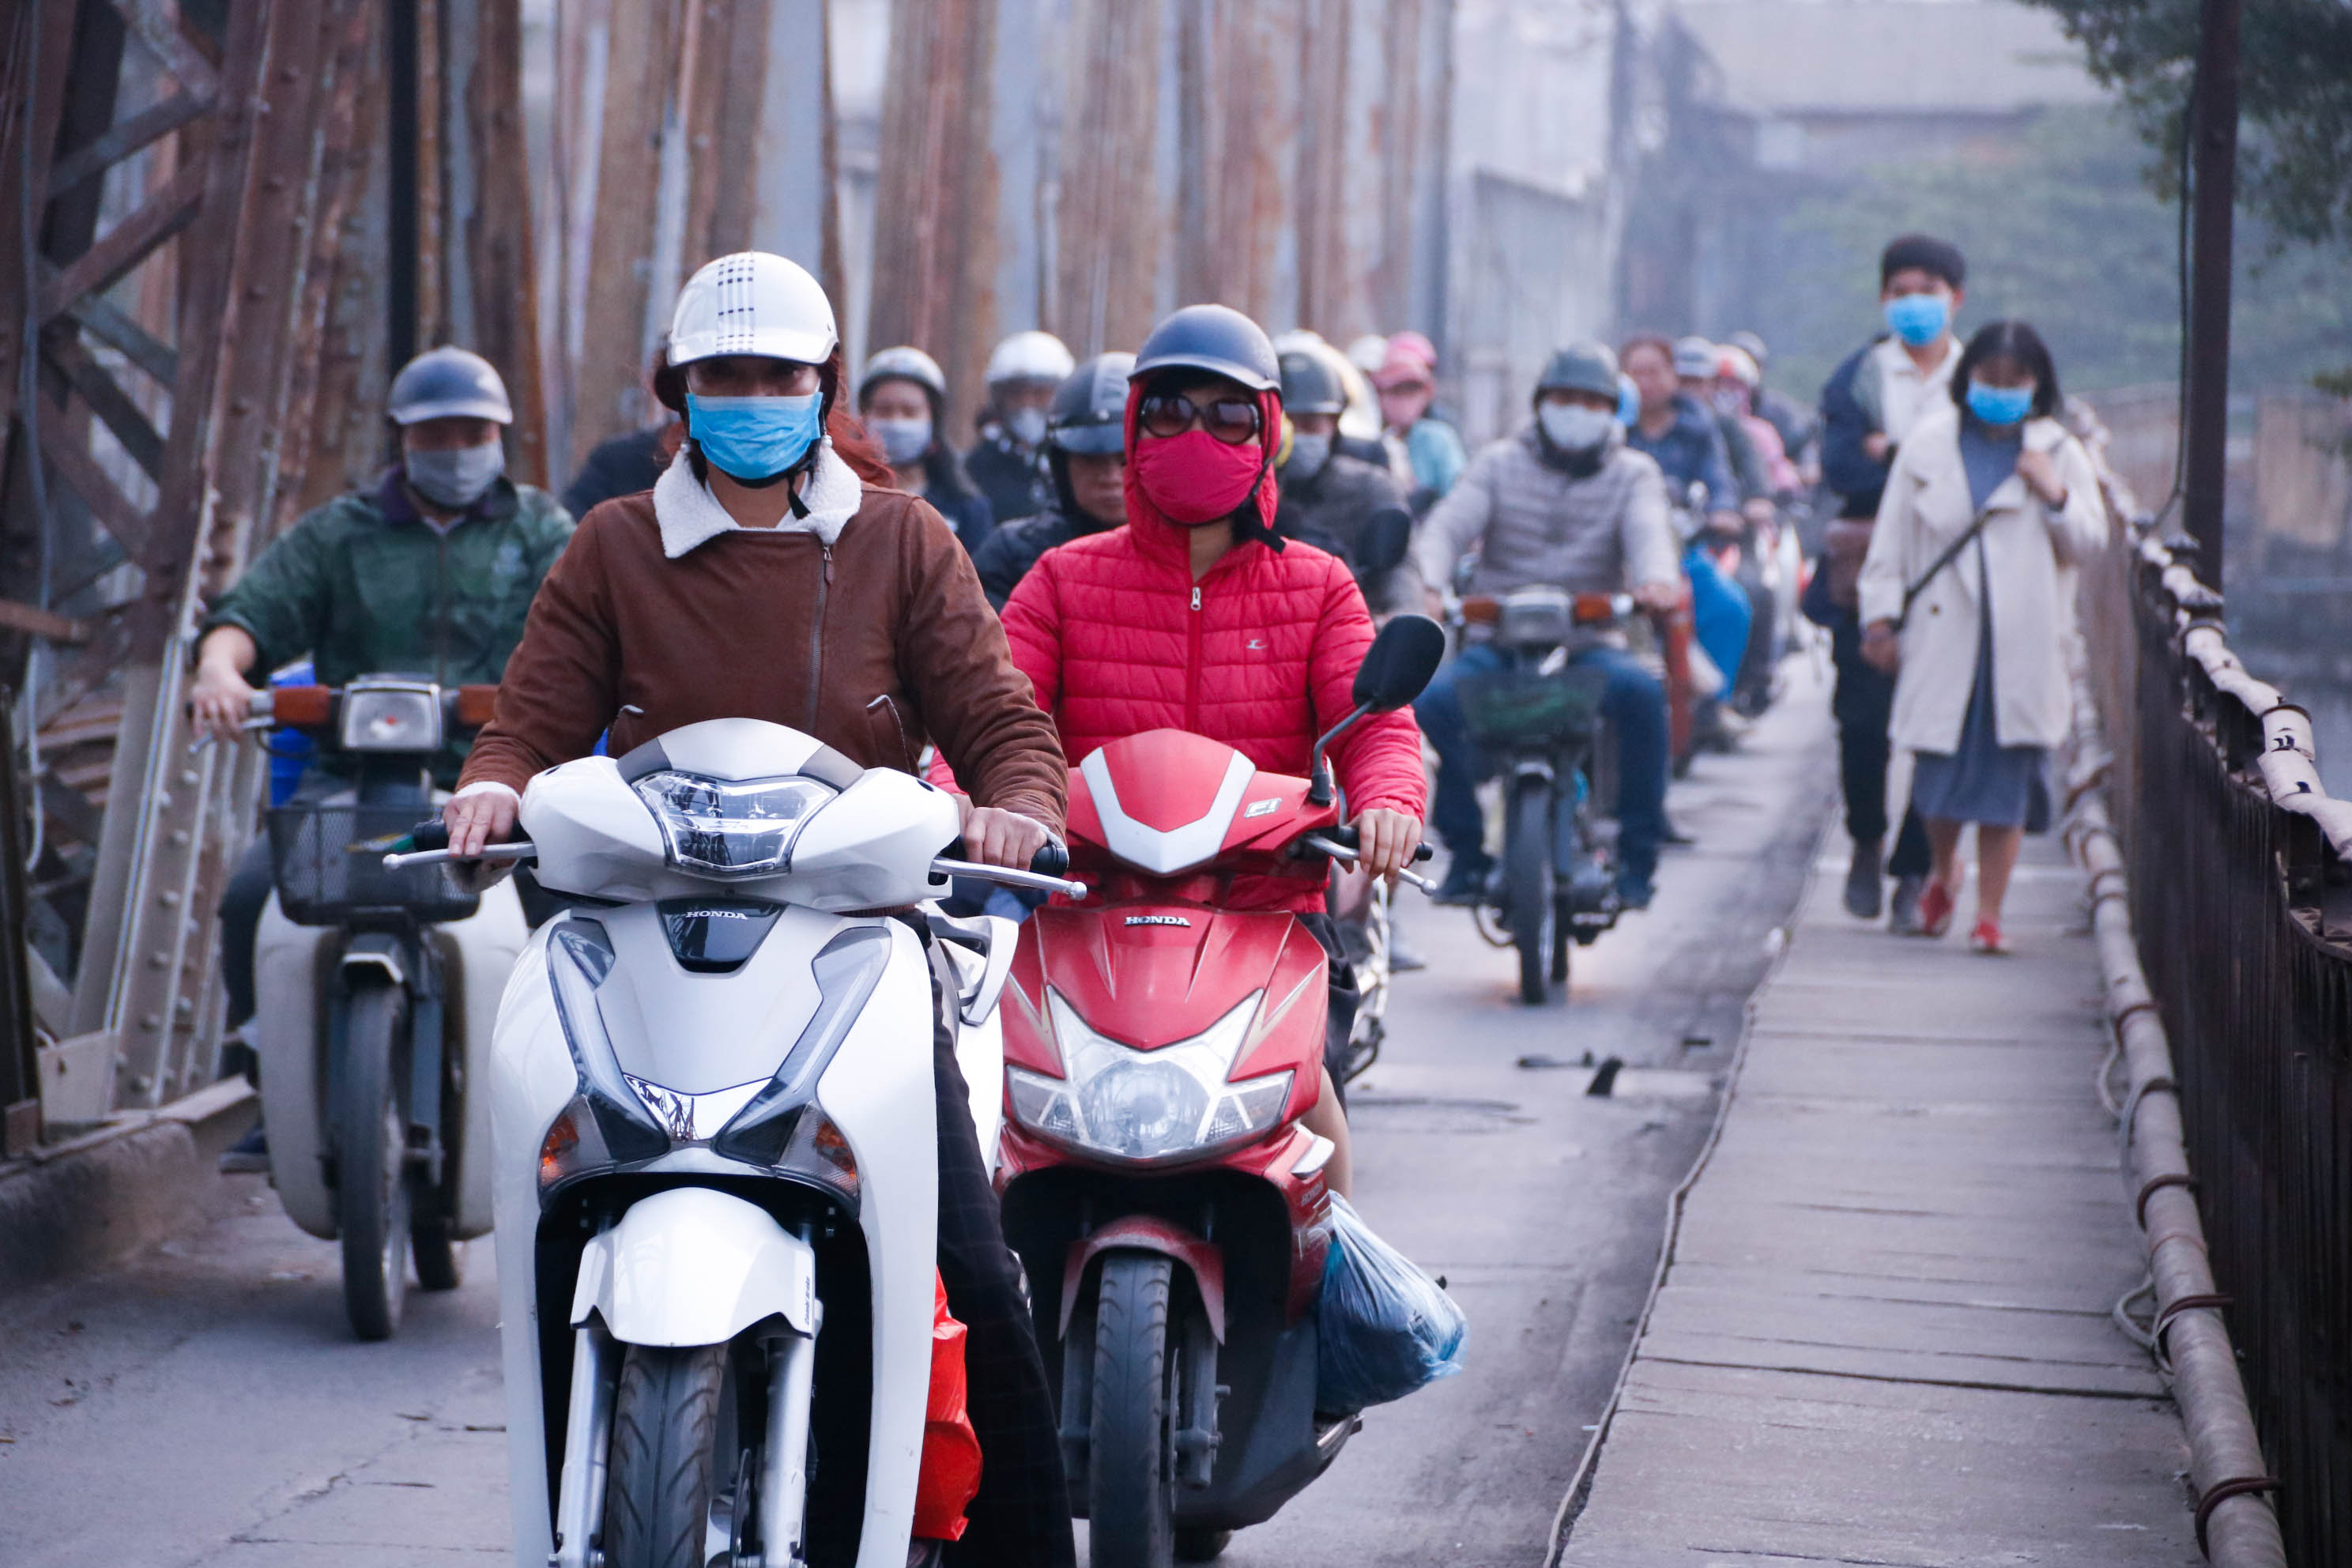 Cầu Long Biên xuống cấp đến không ngờ, mặt đường bị cày xới khiến người dân đi lại gặp nhiều khó khăn - Ảnh 20.